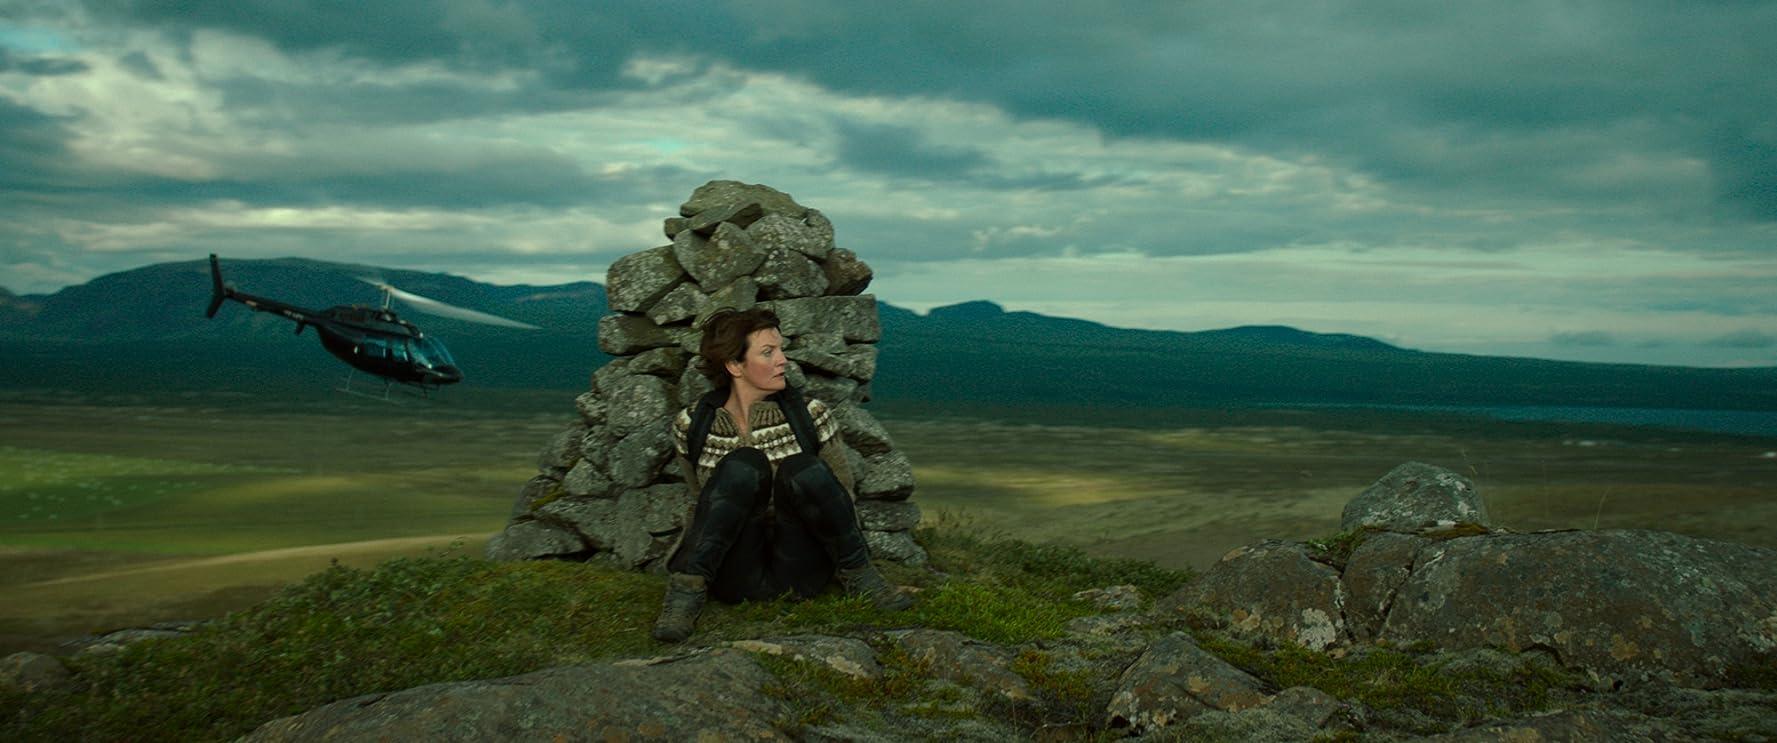 Halldóra Geirharðsdóttir in Kona fer í stríð (2018)